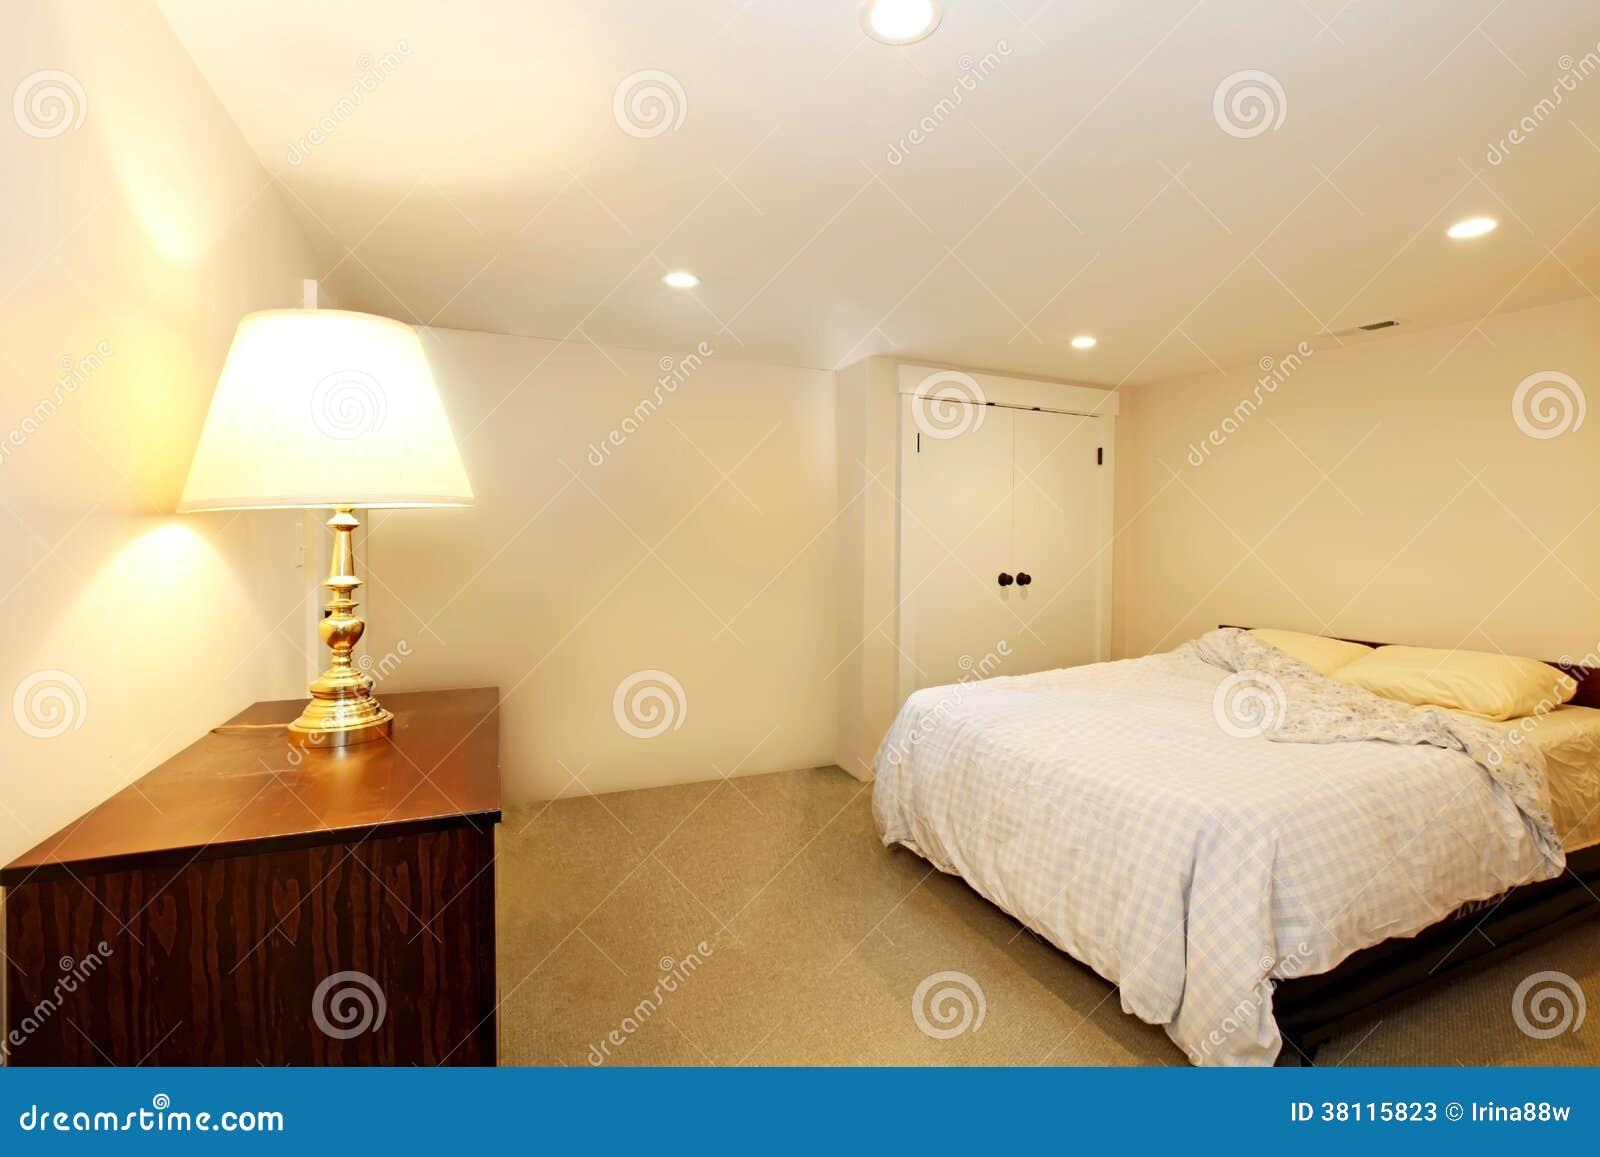 Dimensioni Finestre Camera Da Letto camera da letto senza finestre immagine stock - immagine di